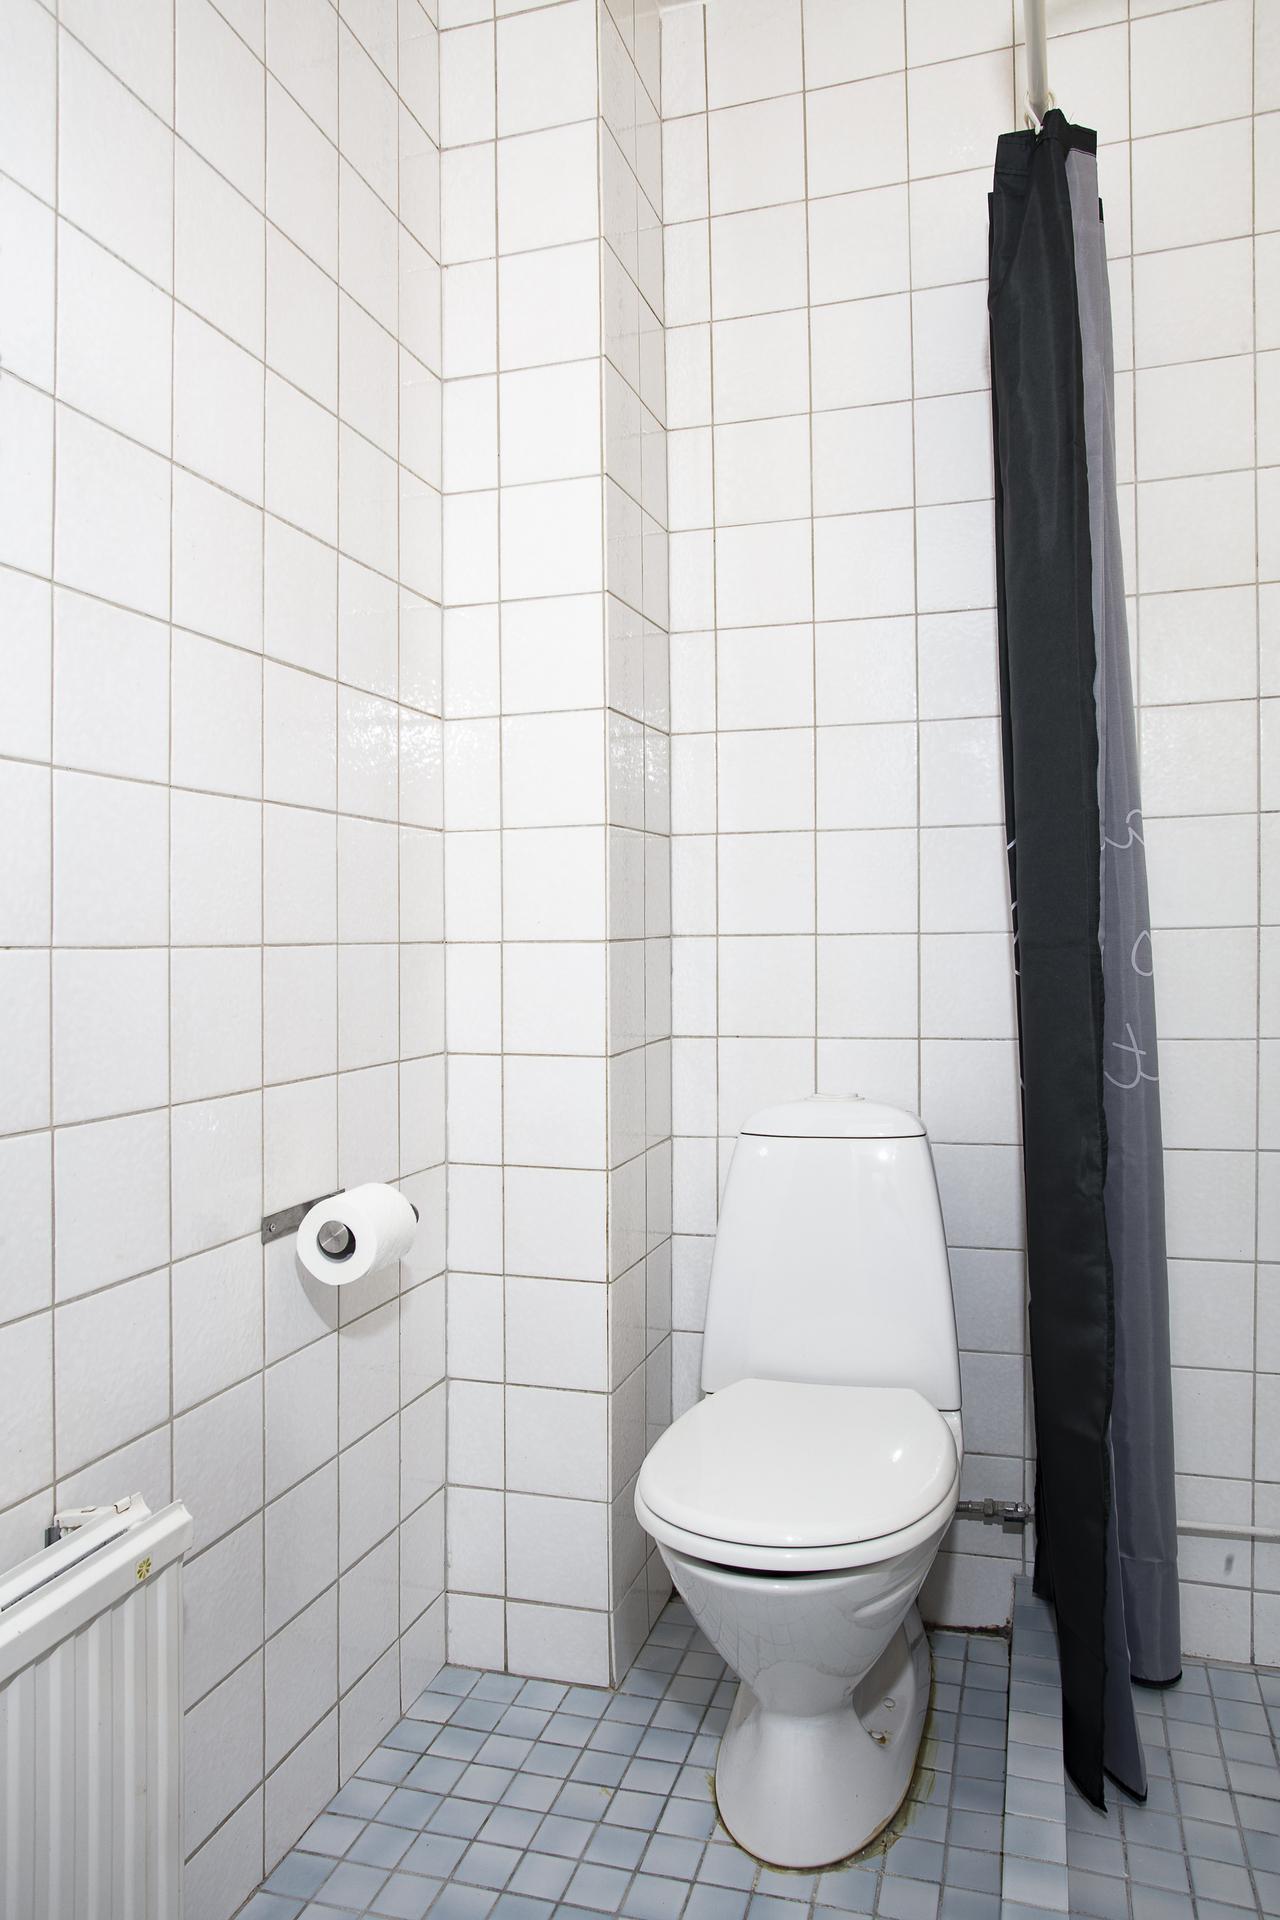 Badrum 2 är helkaklat med vitt kakel samt blått klinkers på golvet